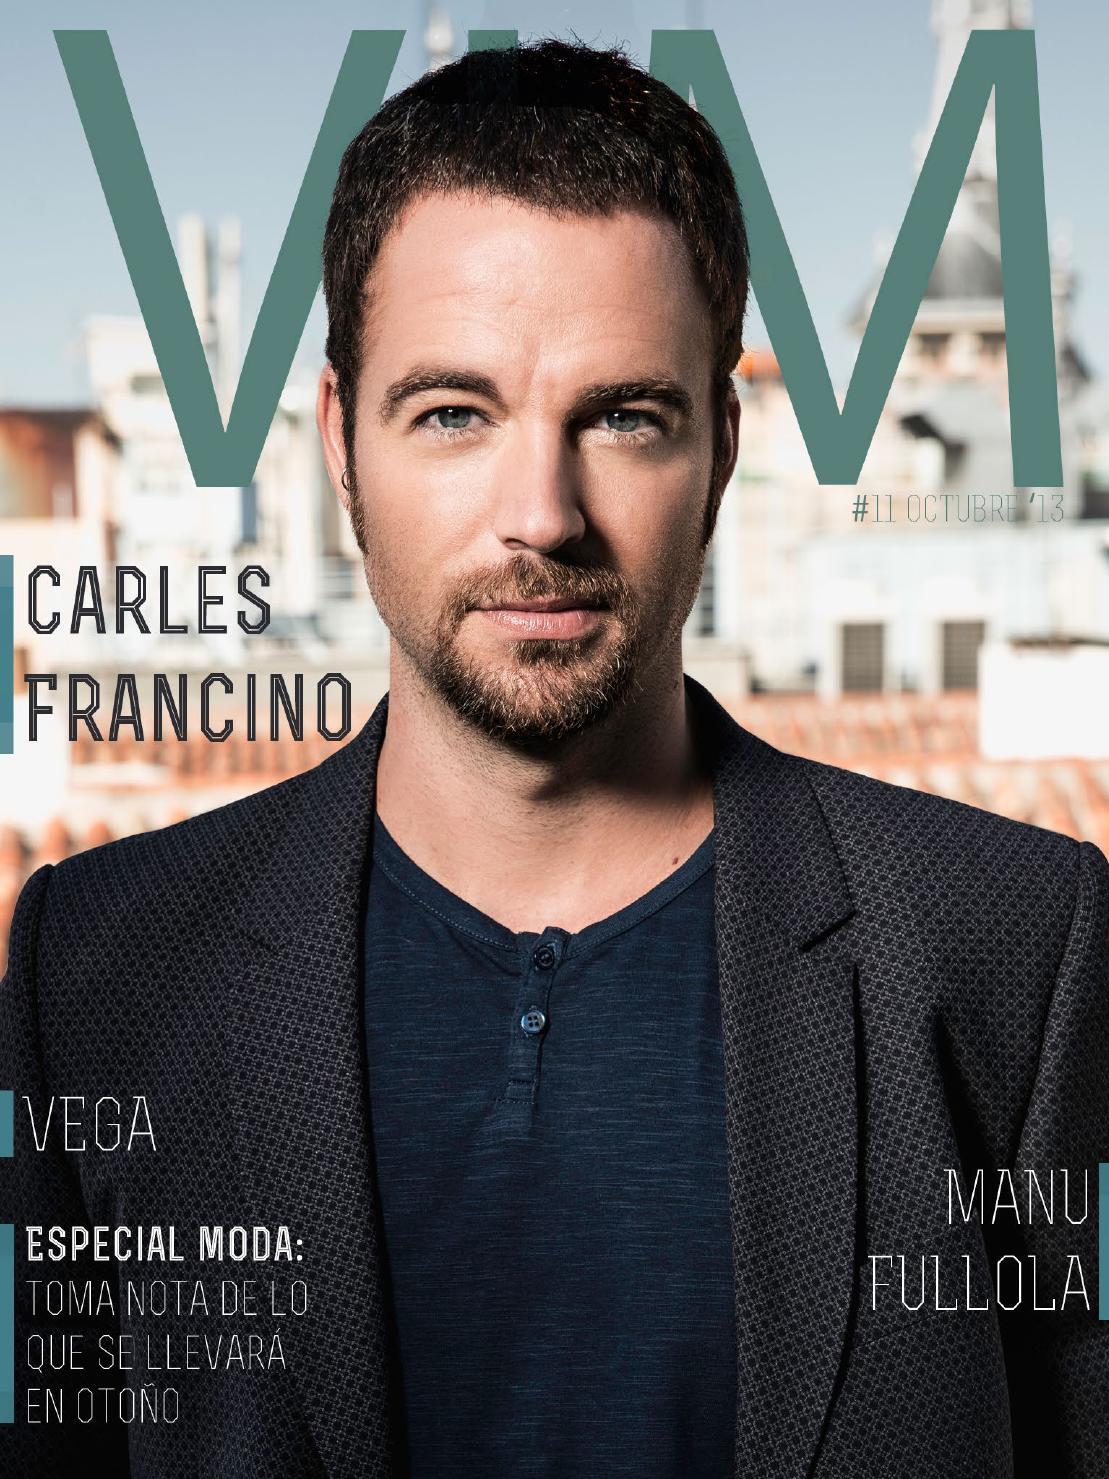 Alex Casademunt Actriz Porno vim magazine - octubre #11vim magazine - issuu